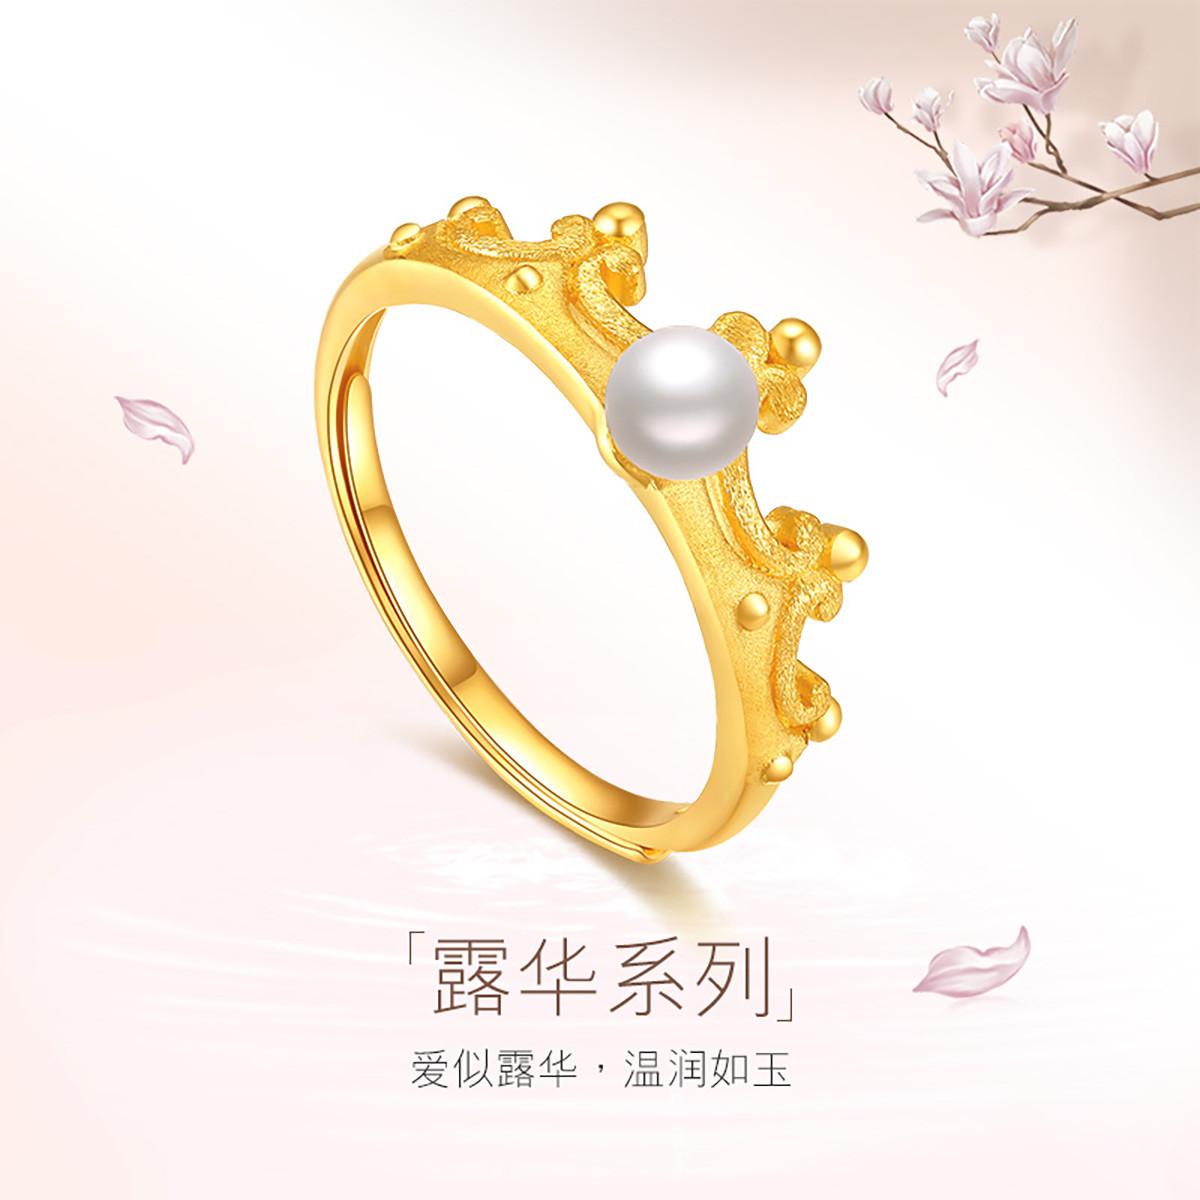 谢瑞麟TSL谢瑞麟 足金时尚皇冠珍珠黄金戒指X4042